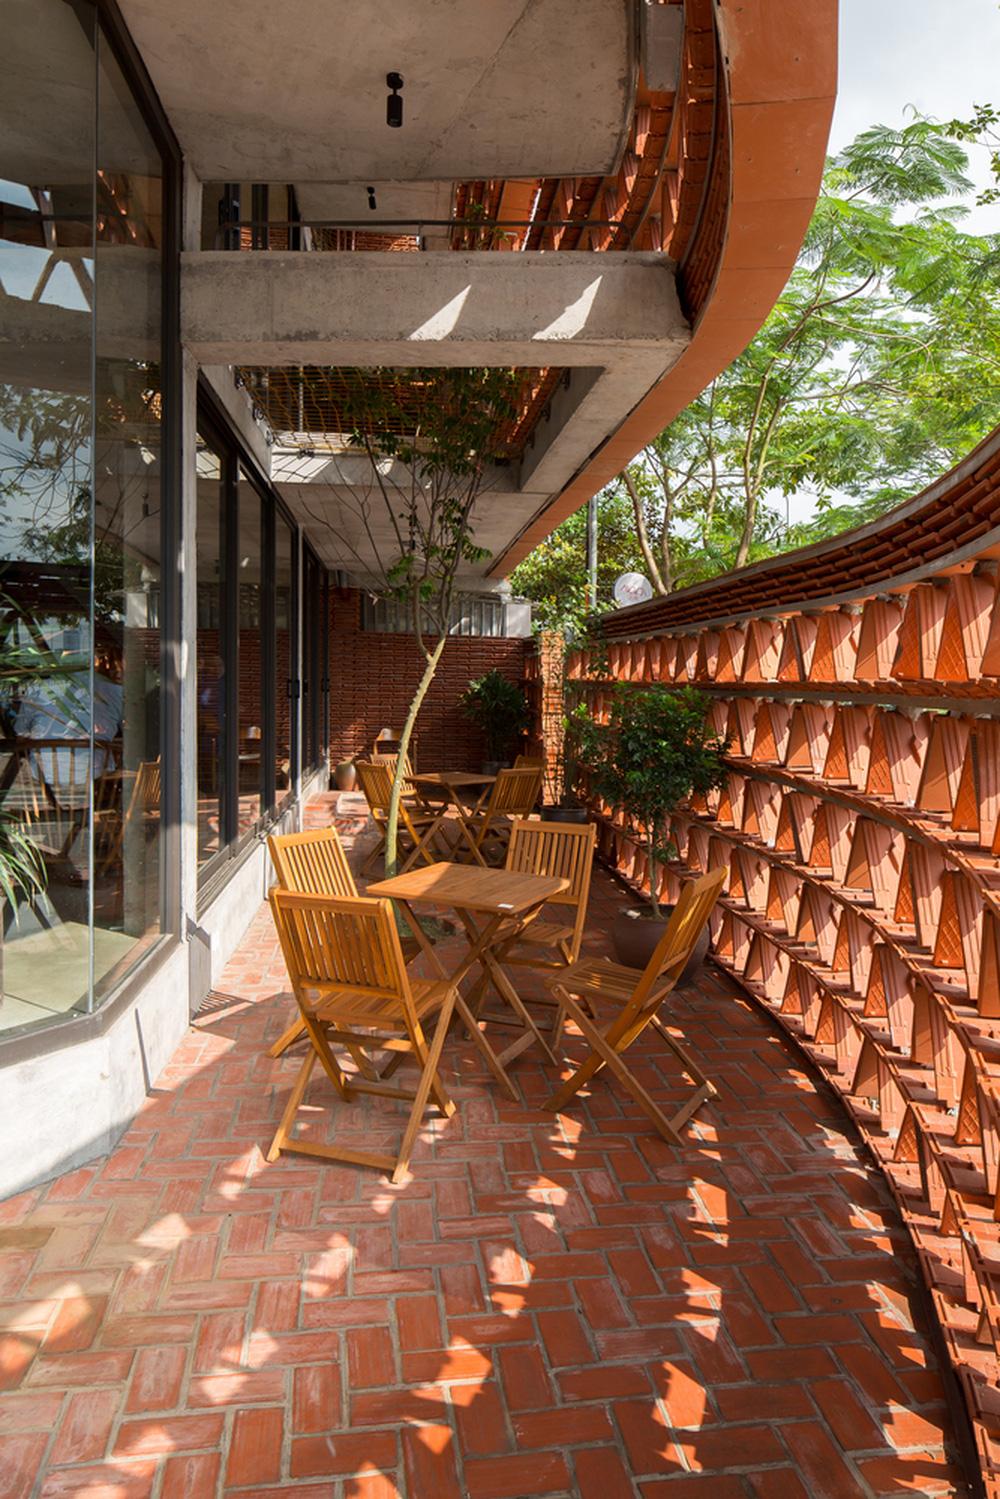 Quán cà phê lấy cảm hứng từ cành cây và hang động của người tiền sử ở Hà Nội đẹp lạ trên báo Mỹ - ảnh 17